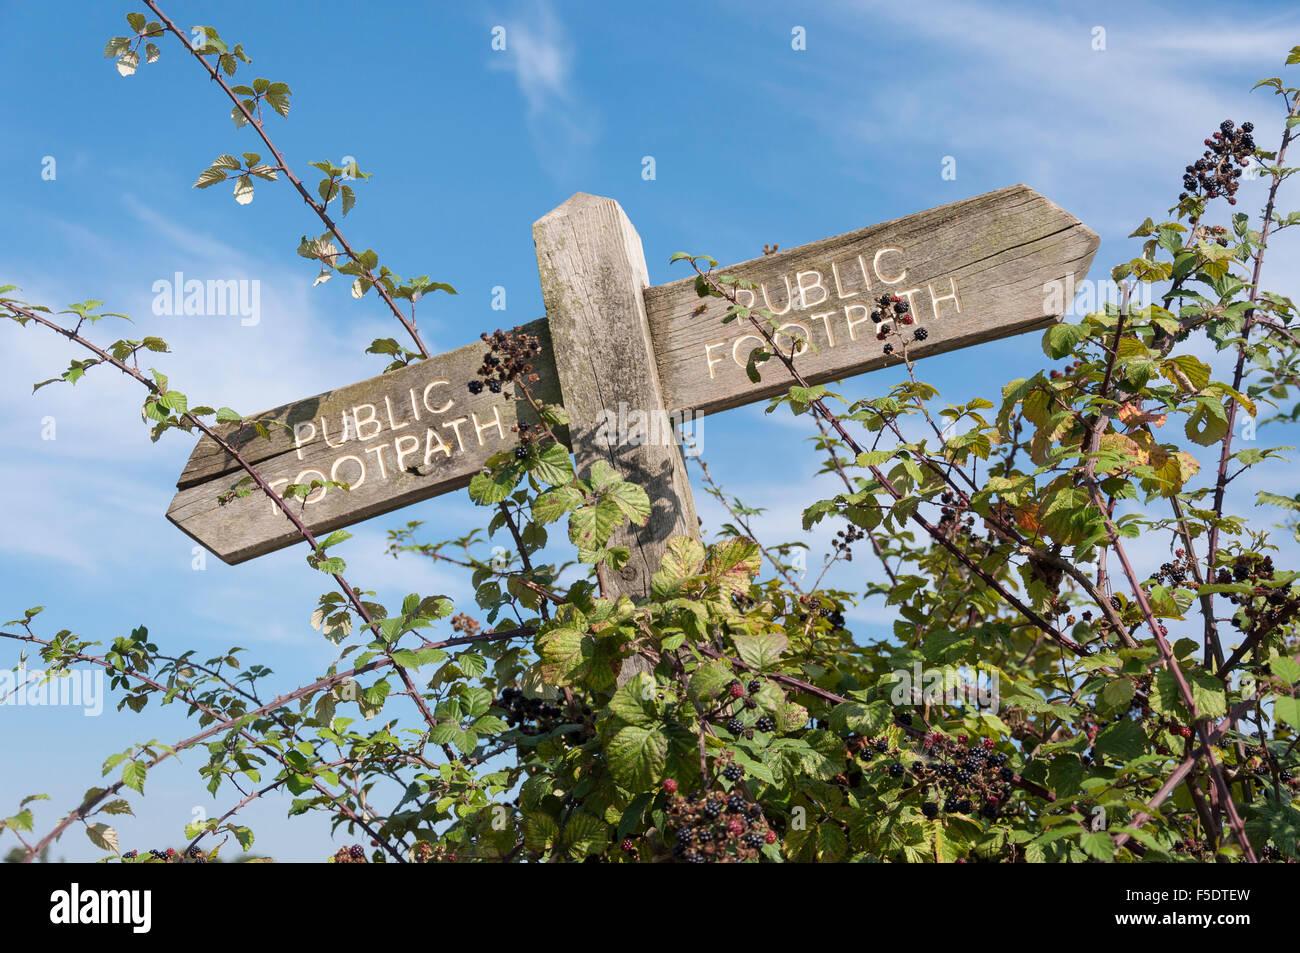 Public footpath trail sign, Nr Hadleigh Castle, Hadleigh, Essex, England, United Kingdom - Stock Image